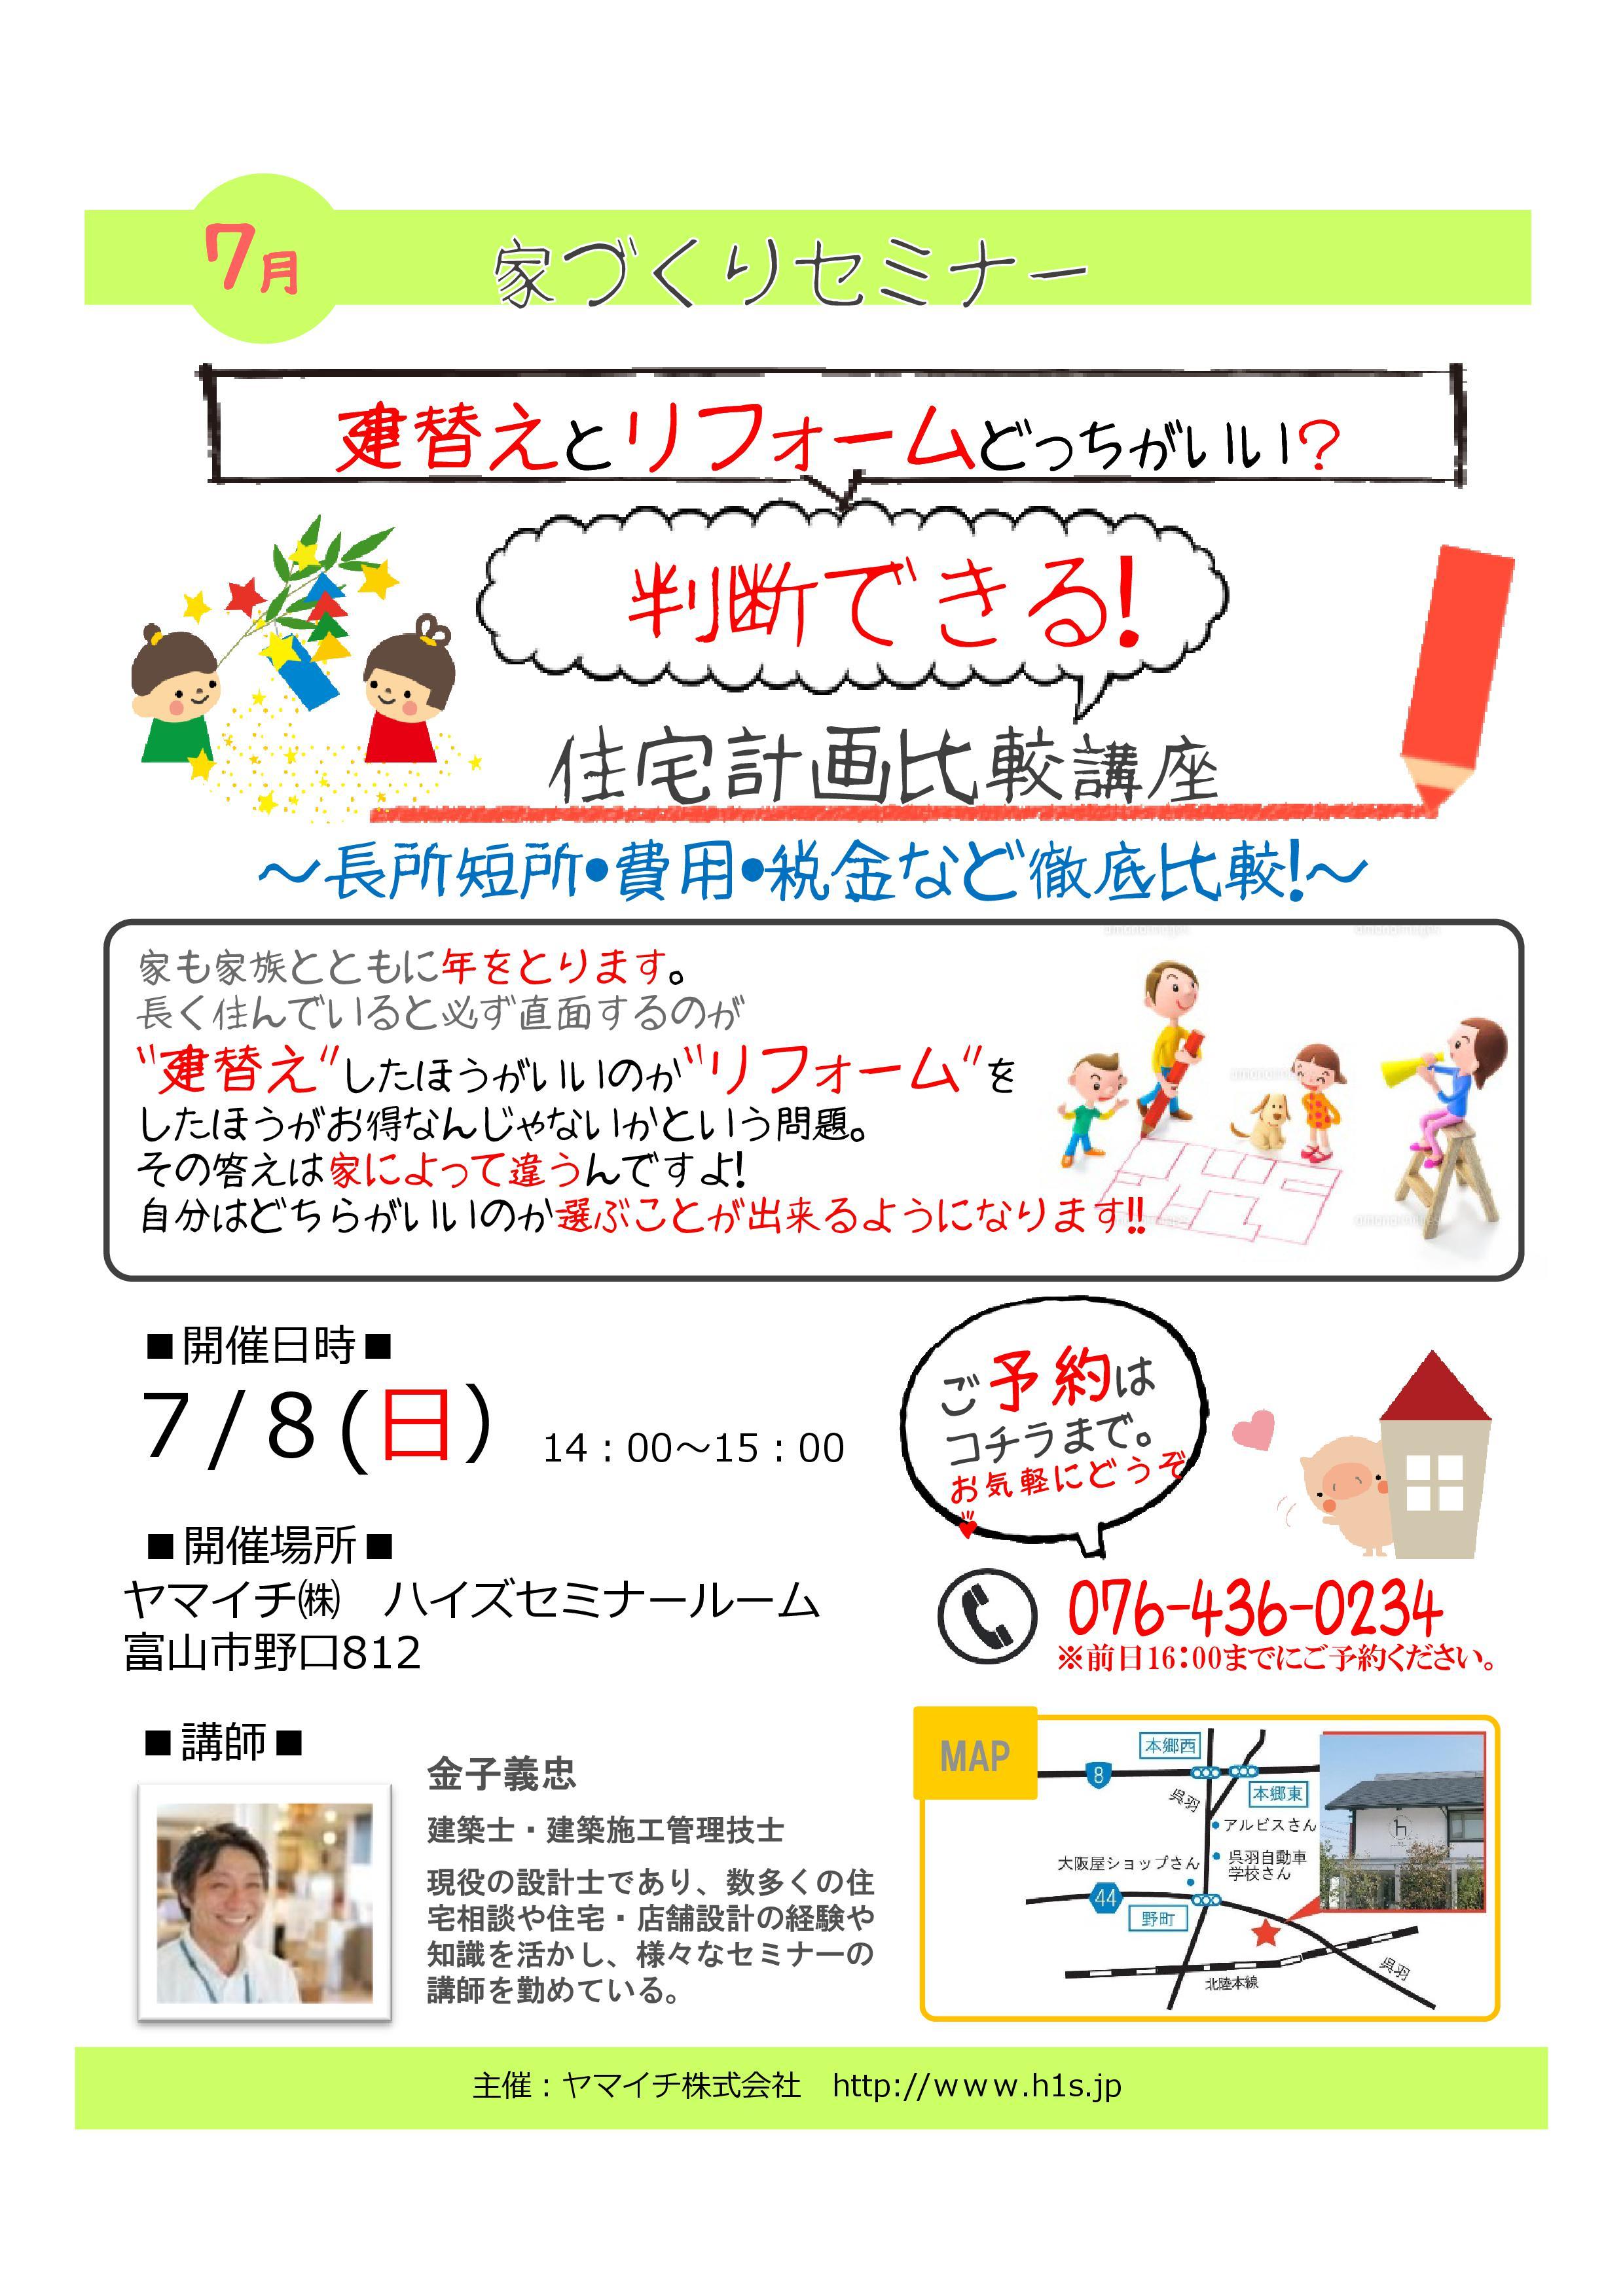 【セミナー】7/8(日)「住宅計画比較講座」